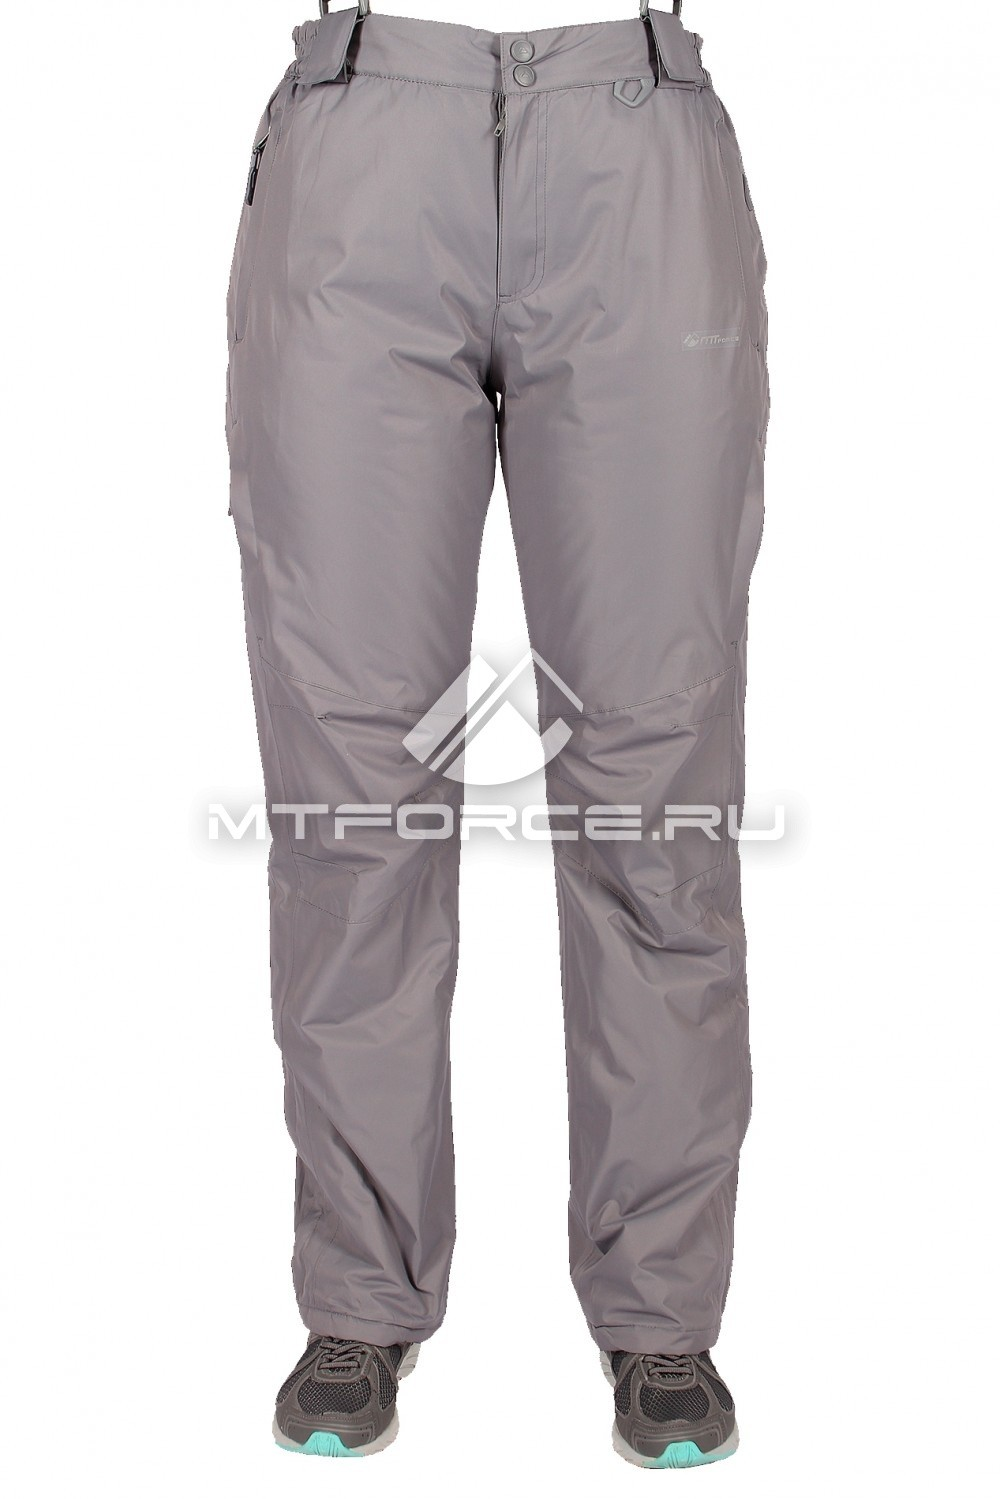 Купить оптом Брюки горнолыжные женские серого цвета 526Sr в  Красноярске